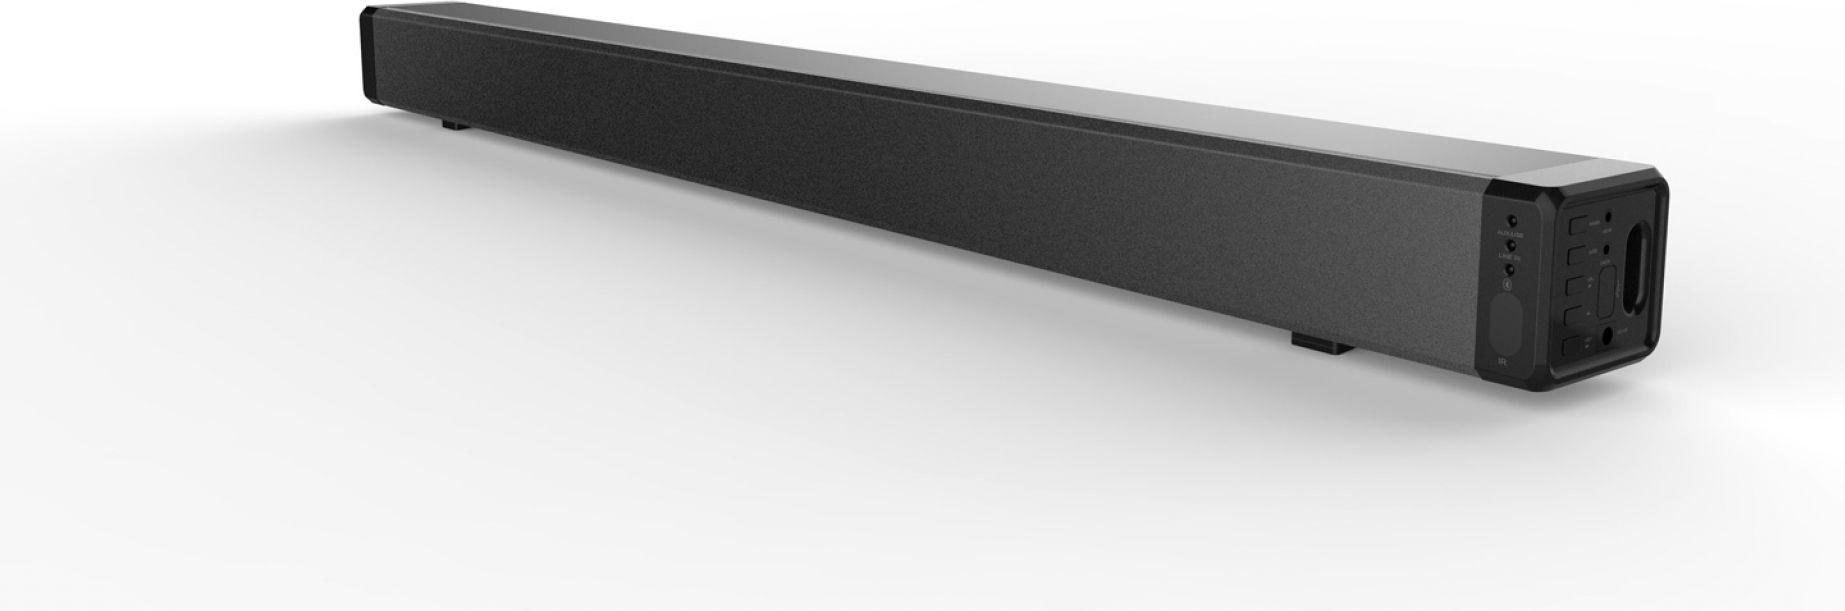 Soundbar Lark 2.0 BT (ME-LK-S009) mājas kinozāle